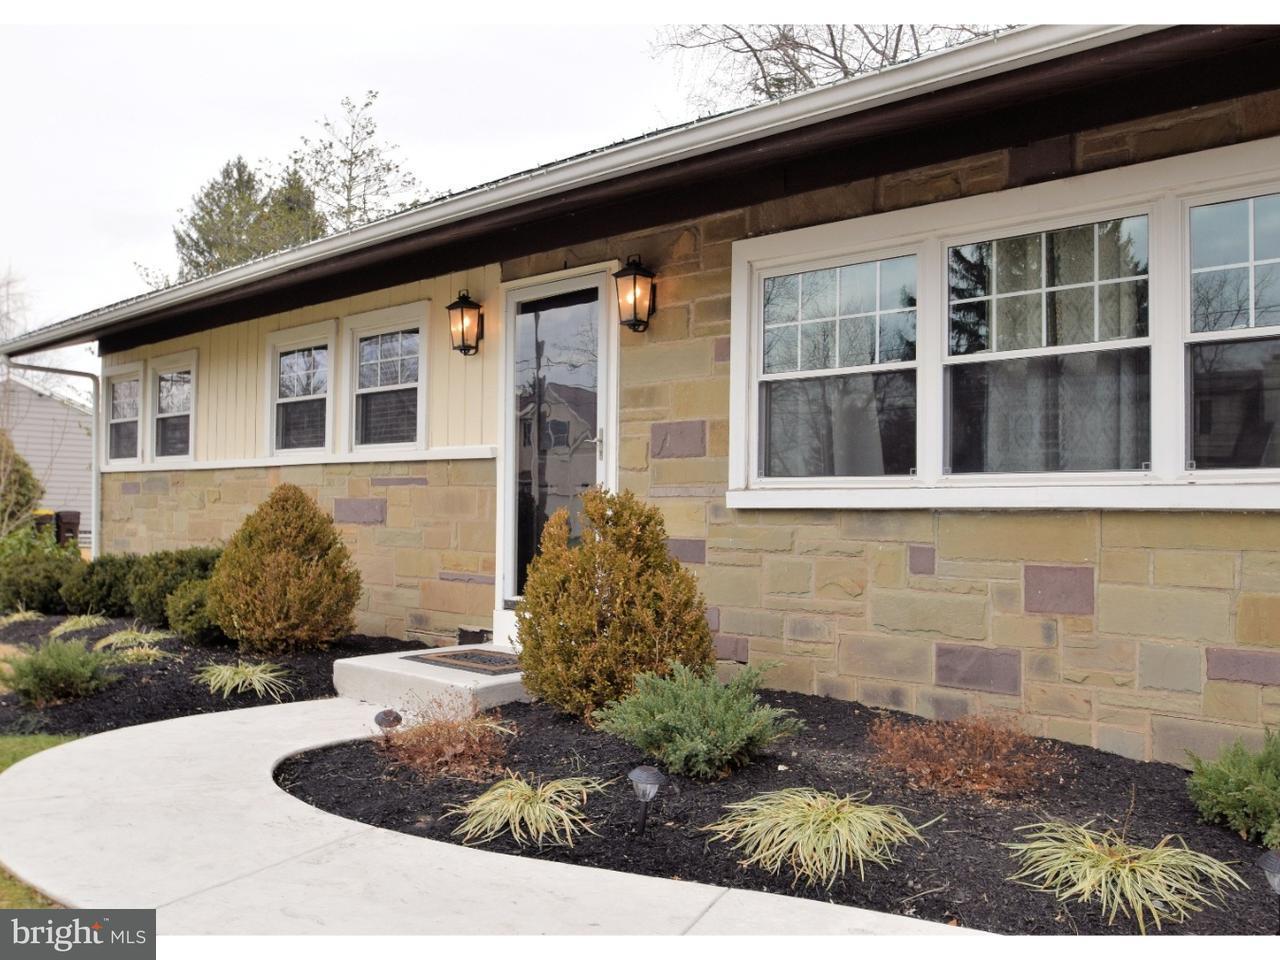 Частный односемейный дом для того Аренда на 626 GALLEN Road Horsham, Пенсильвания 19044 Соединенные Штаты